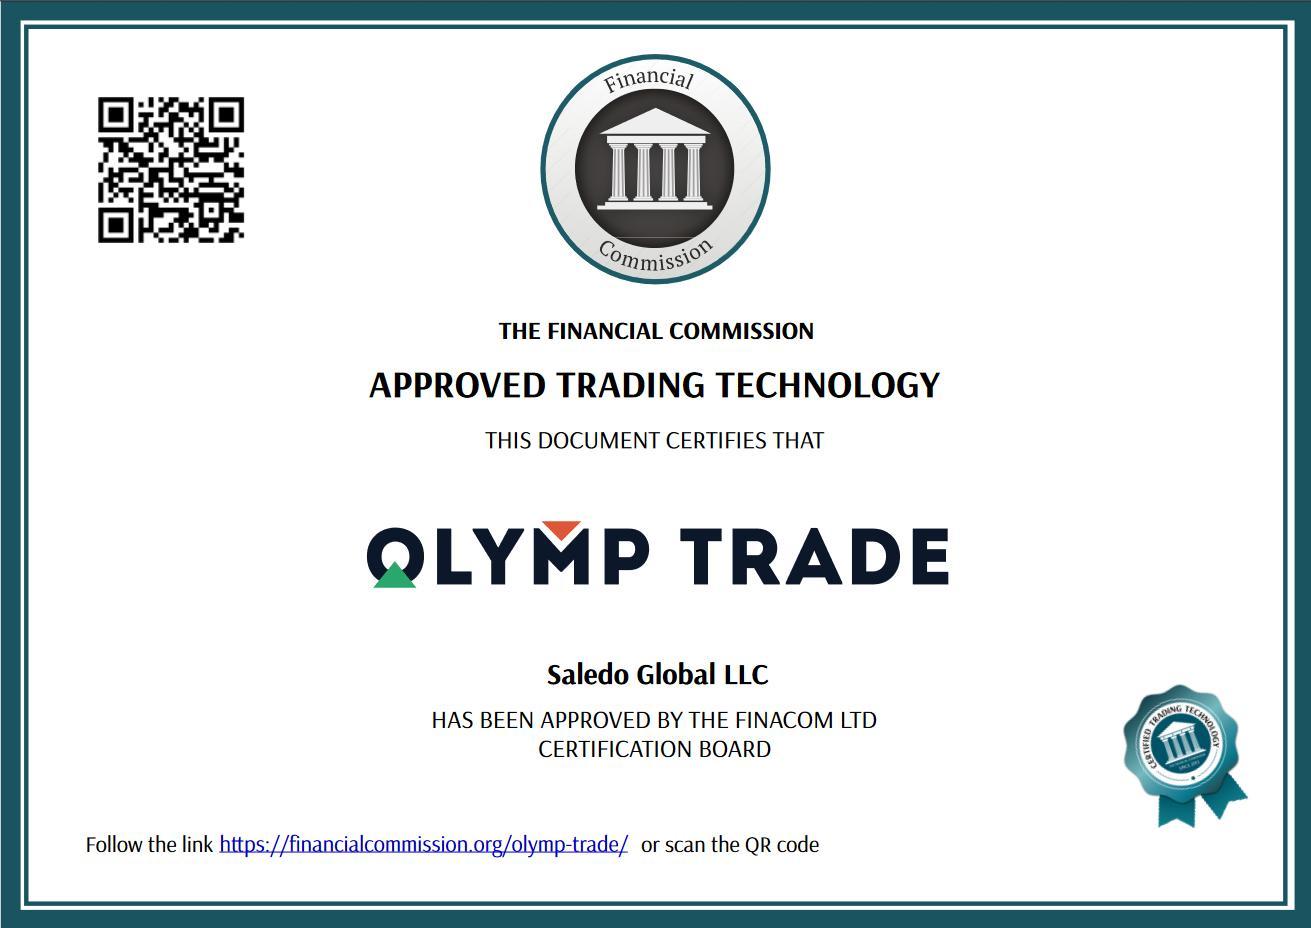 Tổ chức cấp phép hoạt động cho Olymp Trade